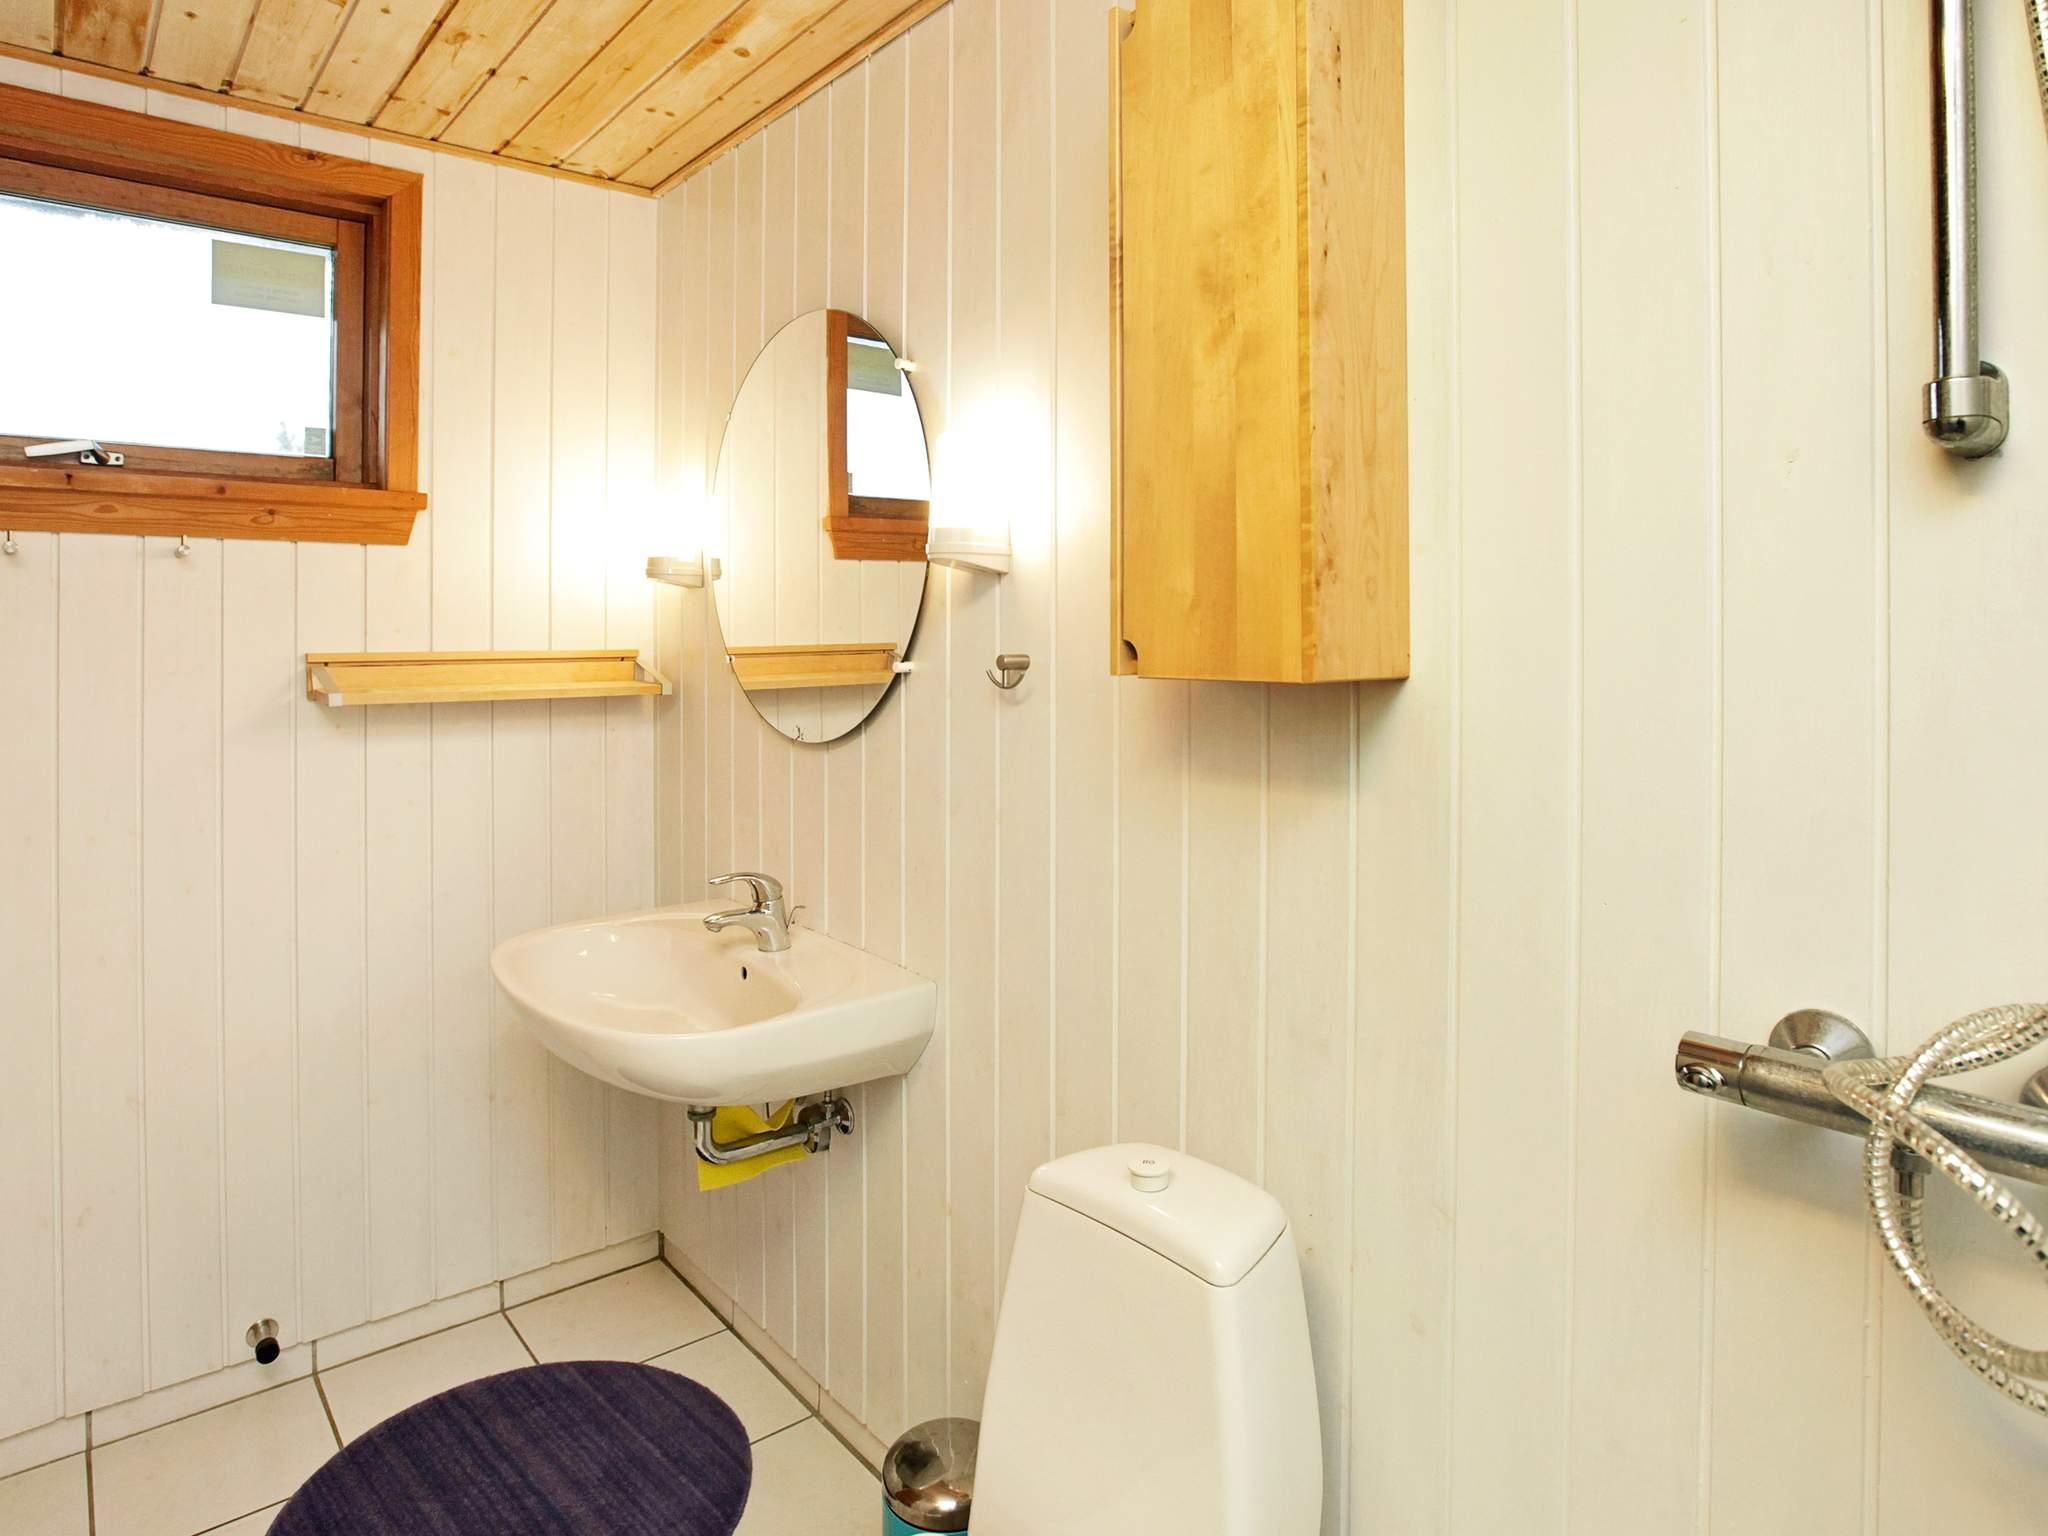 Ferienhaus Grærup (85193), Grærup, , Westjütland, Dänemark, Bild 16